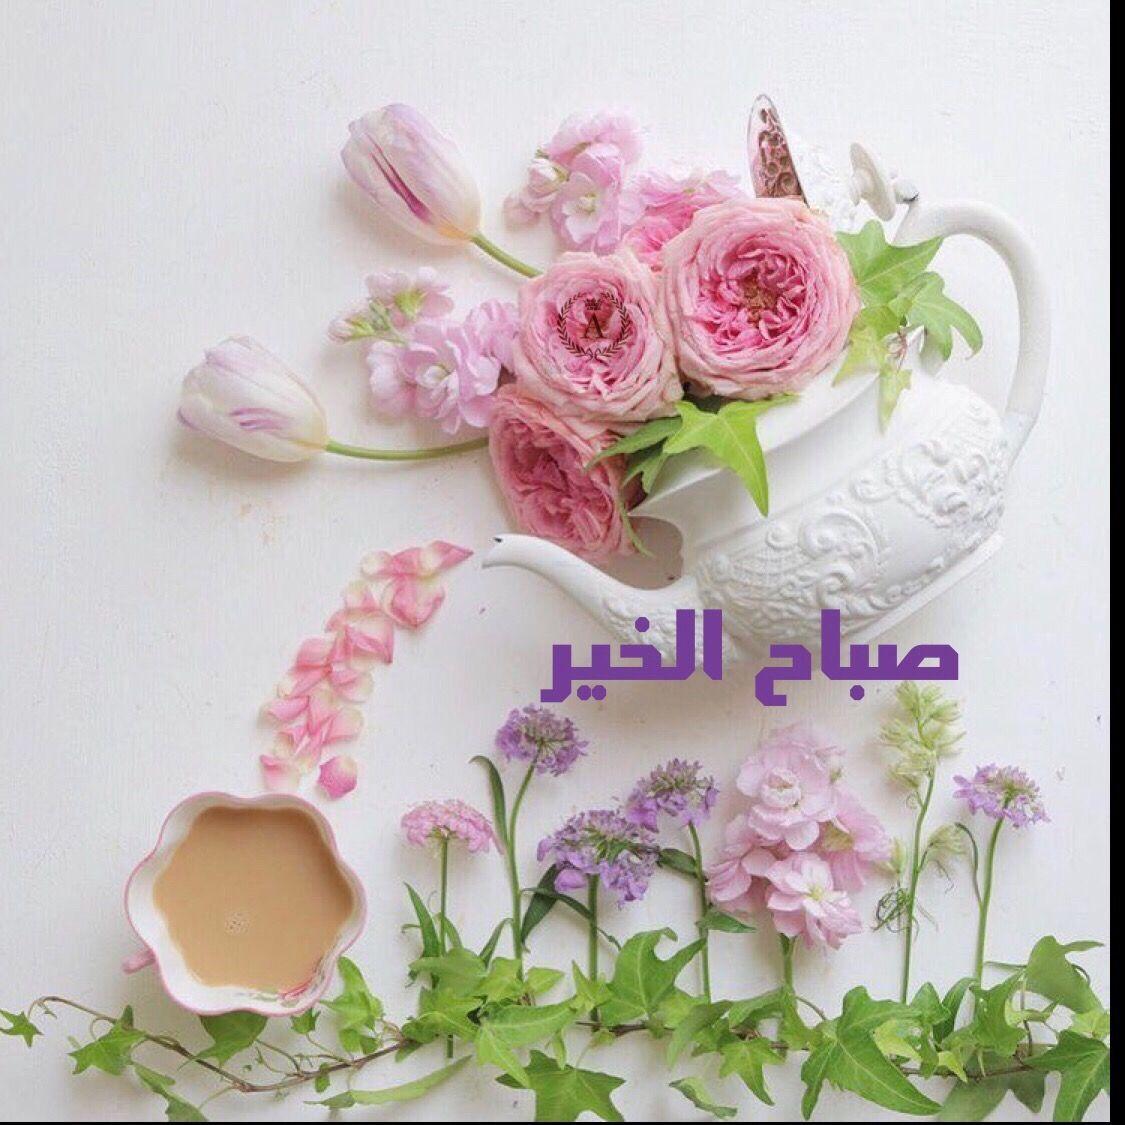 صورة عبارات صباح الخير , جمل بسيطه تقال فى الصباح